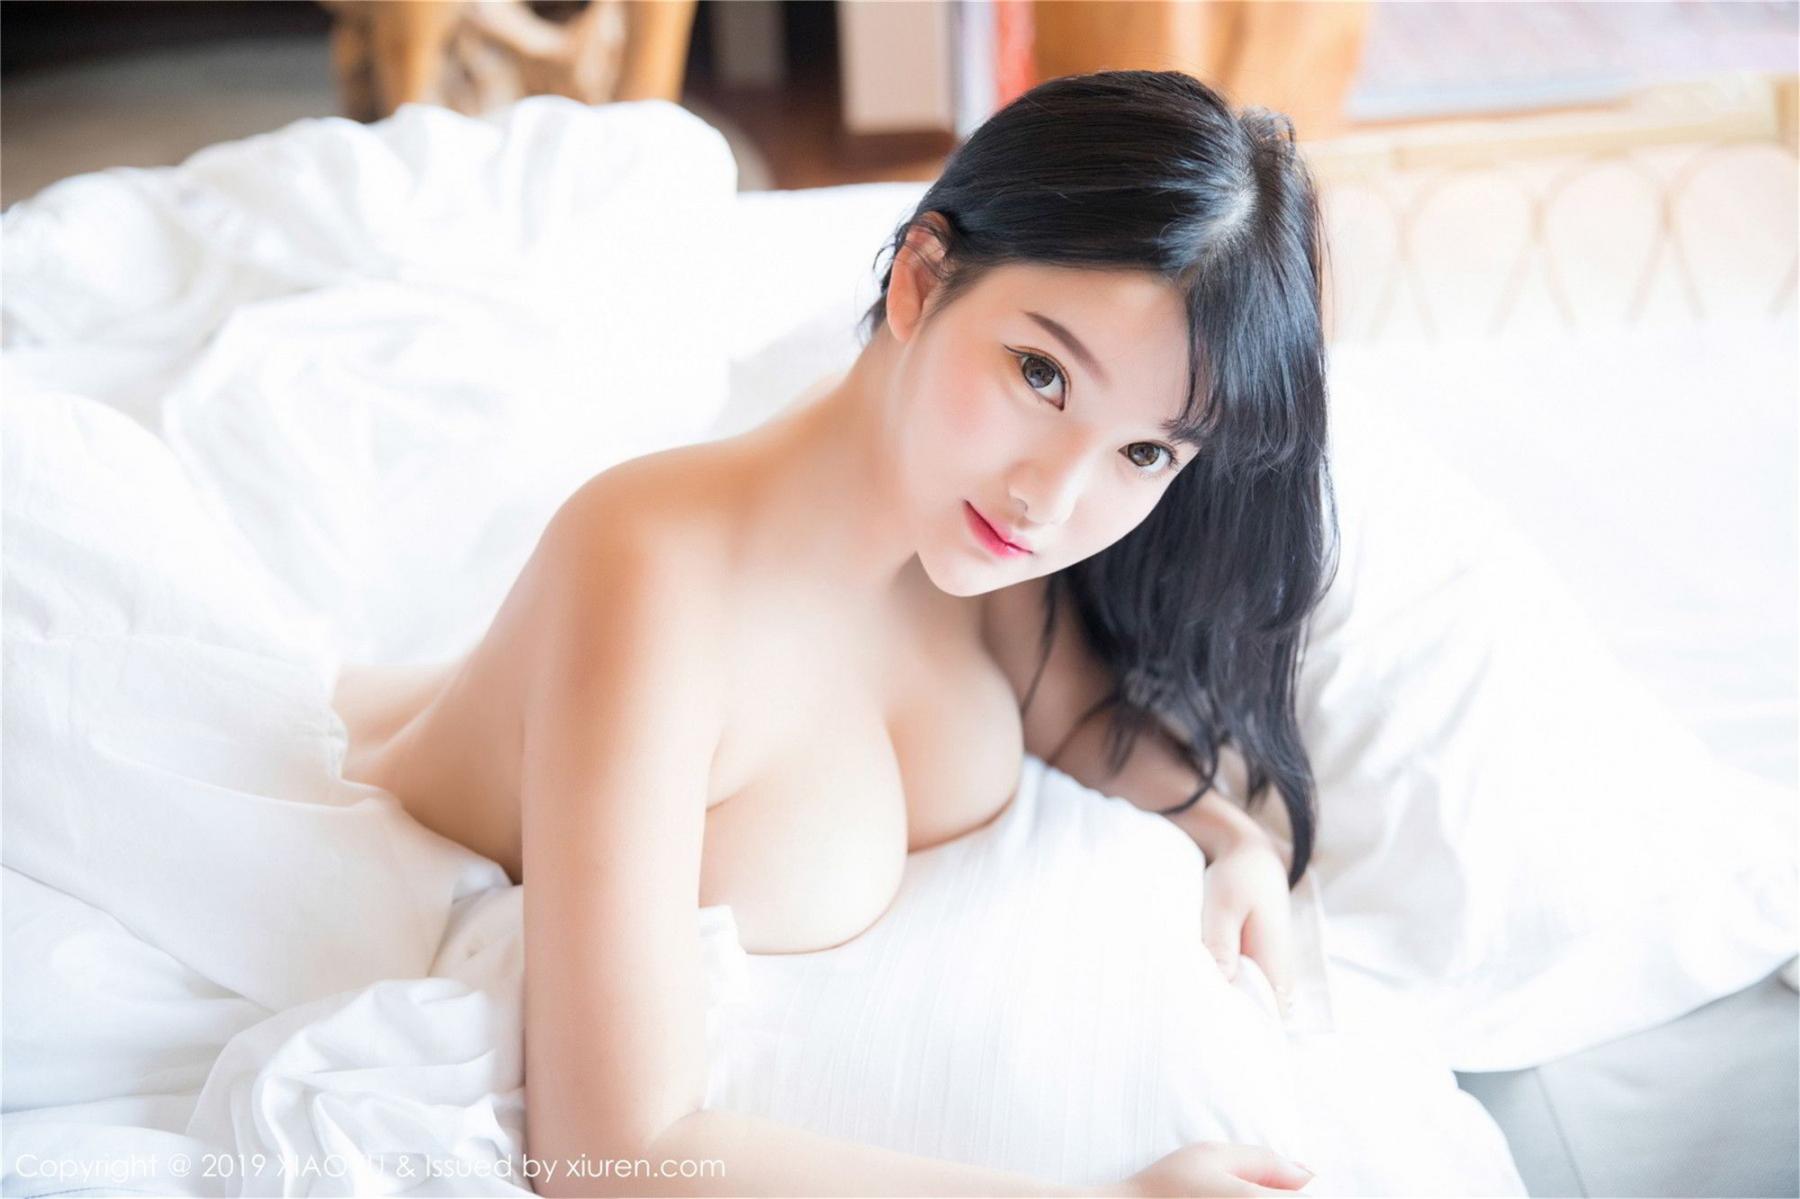 [XiaoYu] Vol.070 Lu Lu Xiao Miao 15P, Baby Face Big Boobs, Lovely, Lu Lu Xiao Miao, XiaoYu